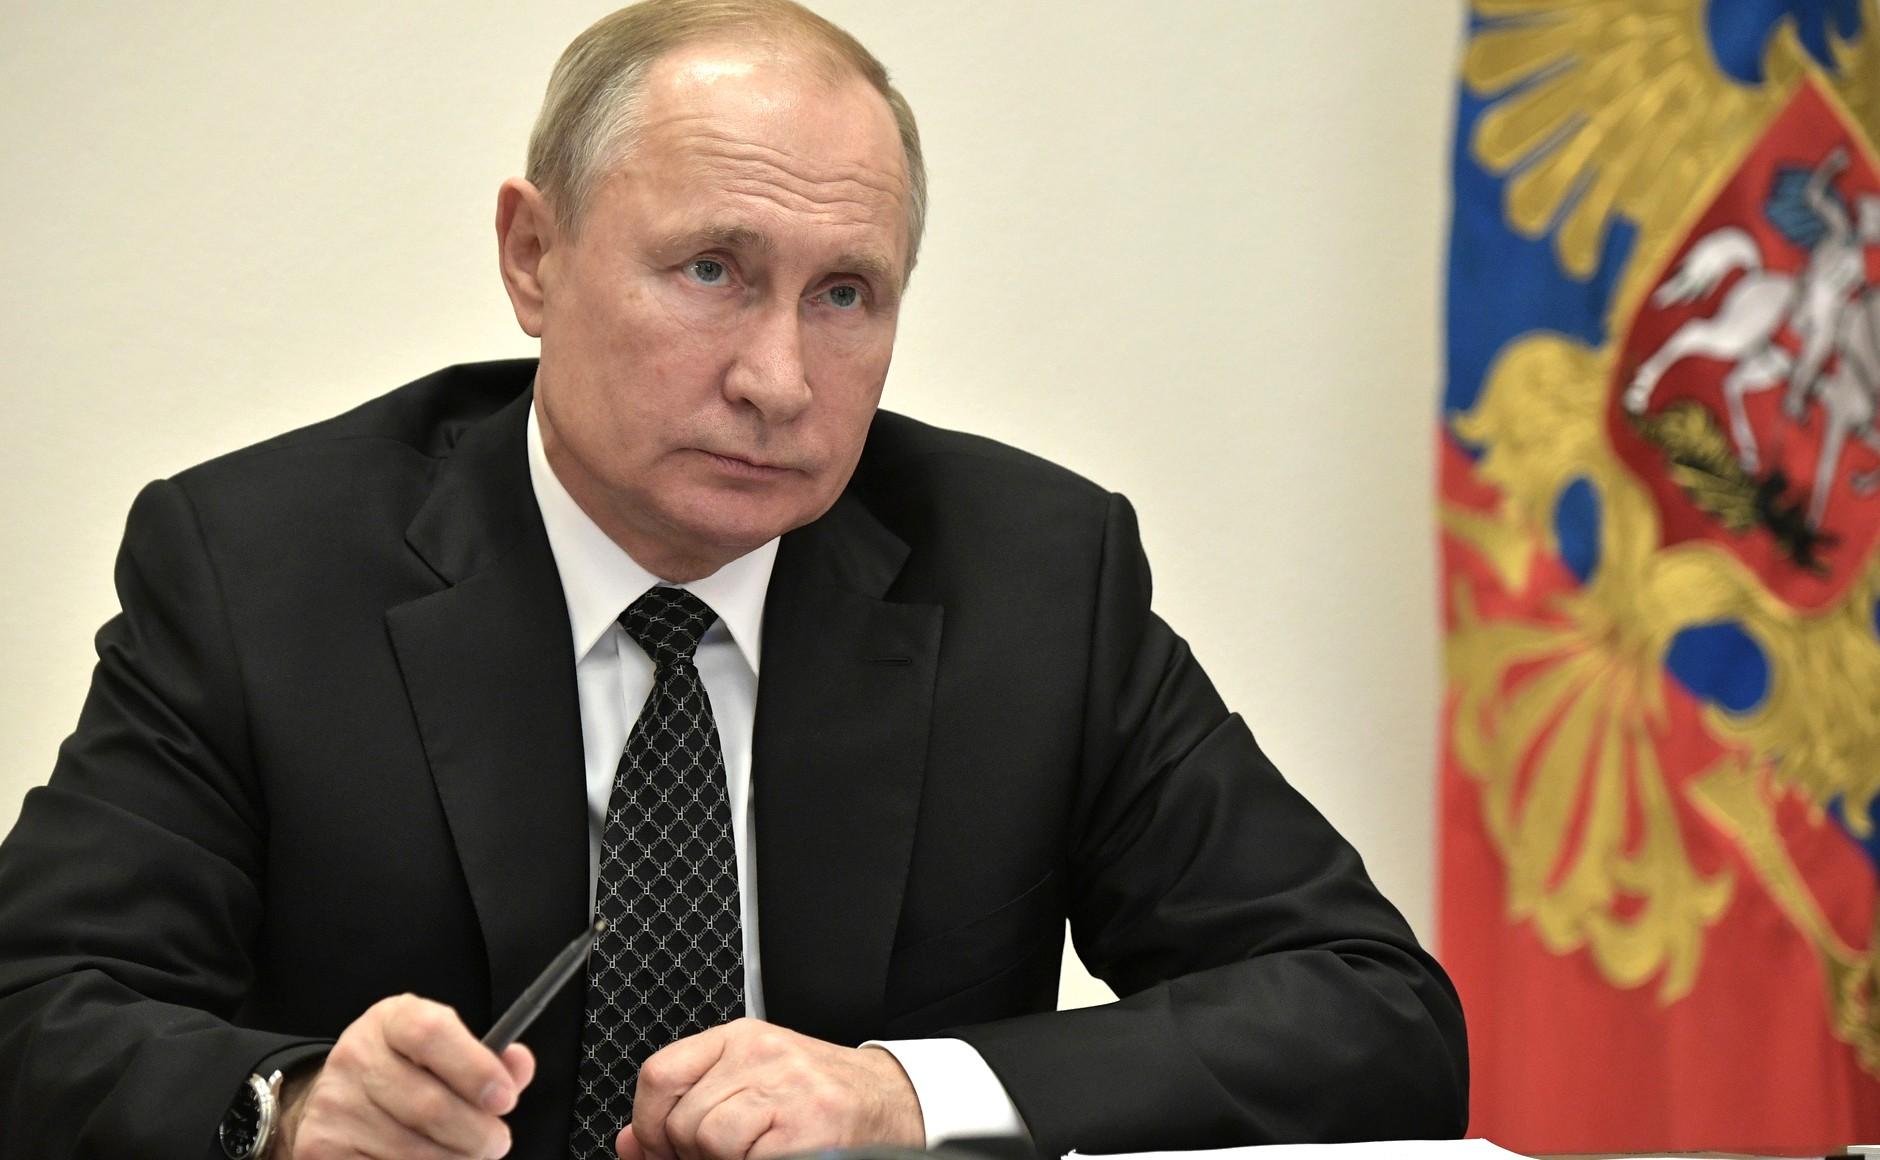 Поэтапный выход. Владимир Путин рассказал, что выходные в России закончились